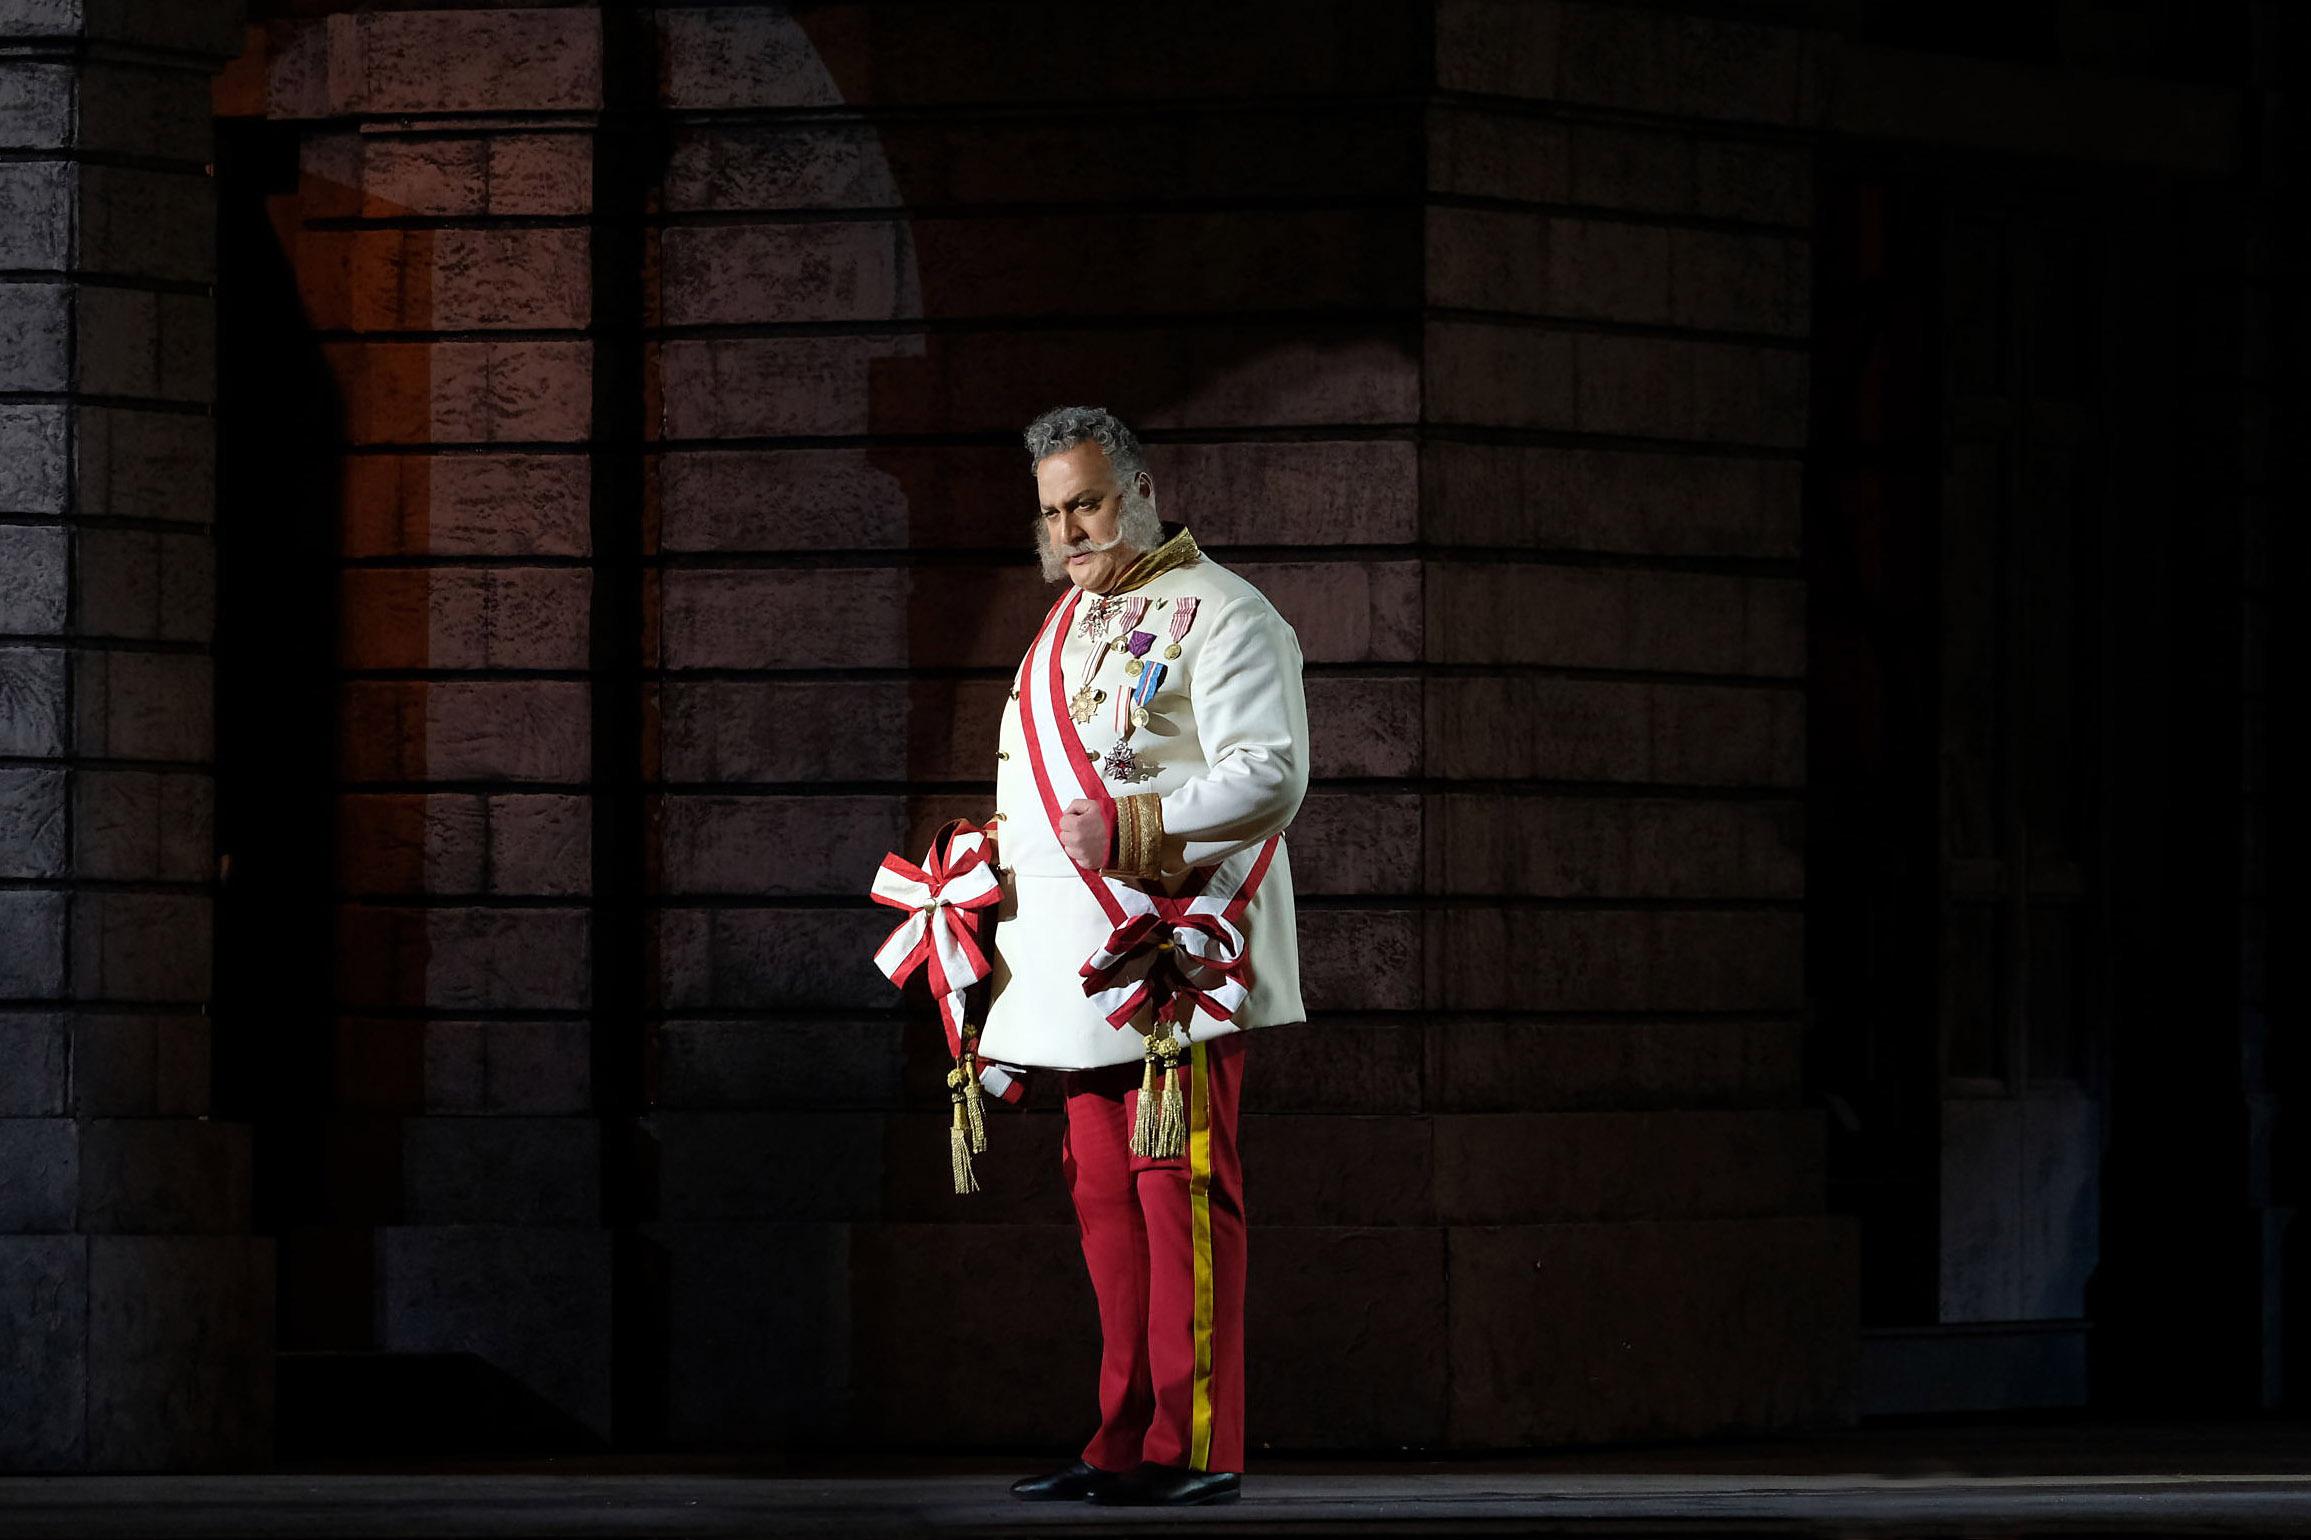 Nabucco all'Arena di Verona - credit Ennevi / Fondazione Arena di Verona